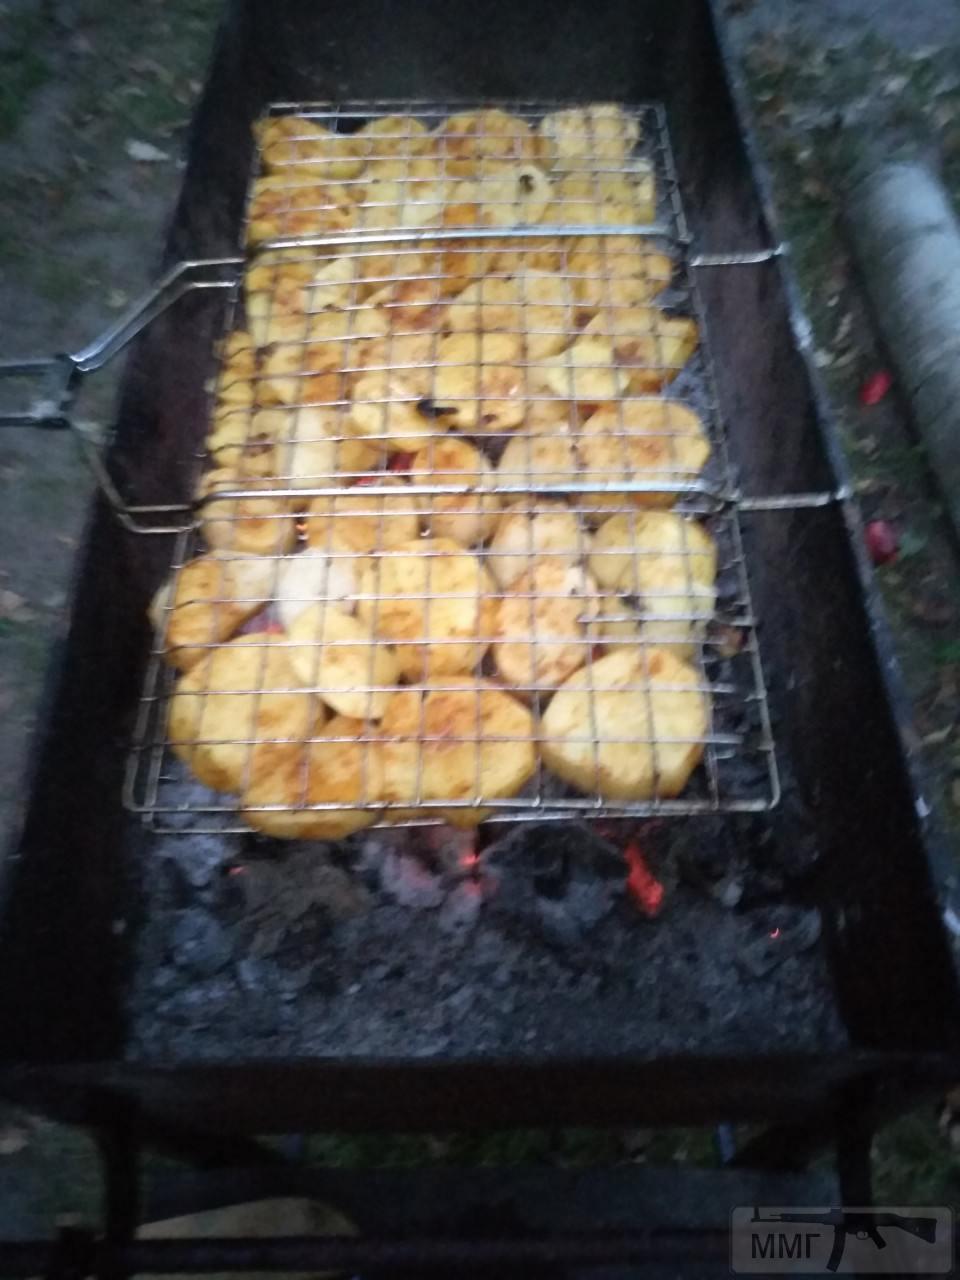 71785 - Закуски на огне (мангал, барбекю и т.д.) и кулинария вообще. Советы и рецепты.